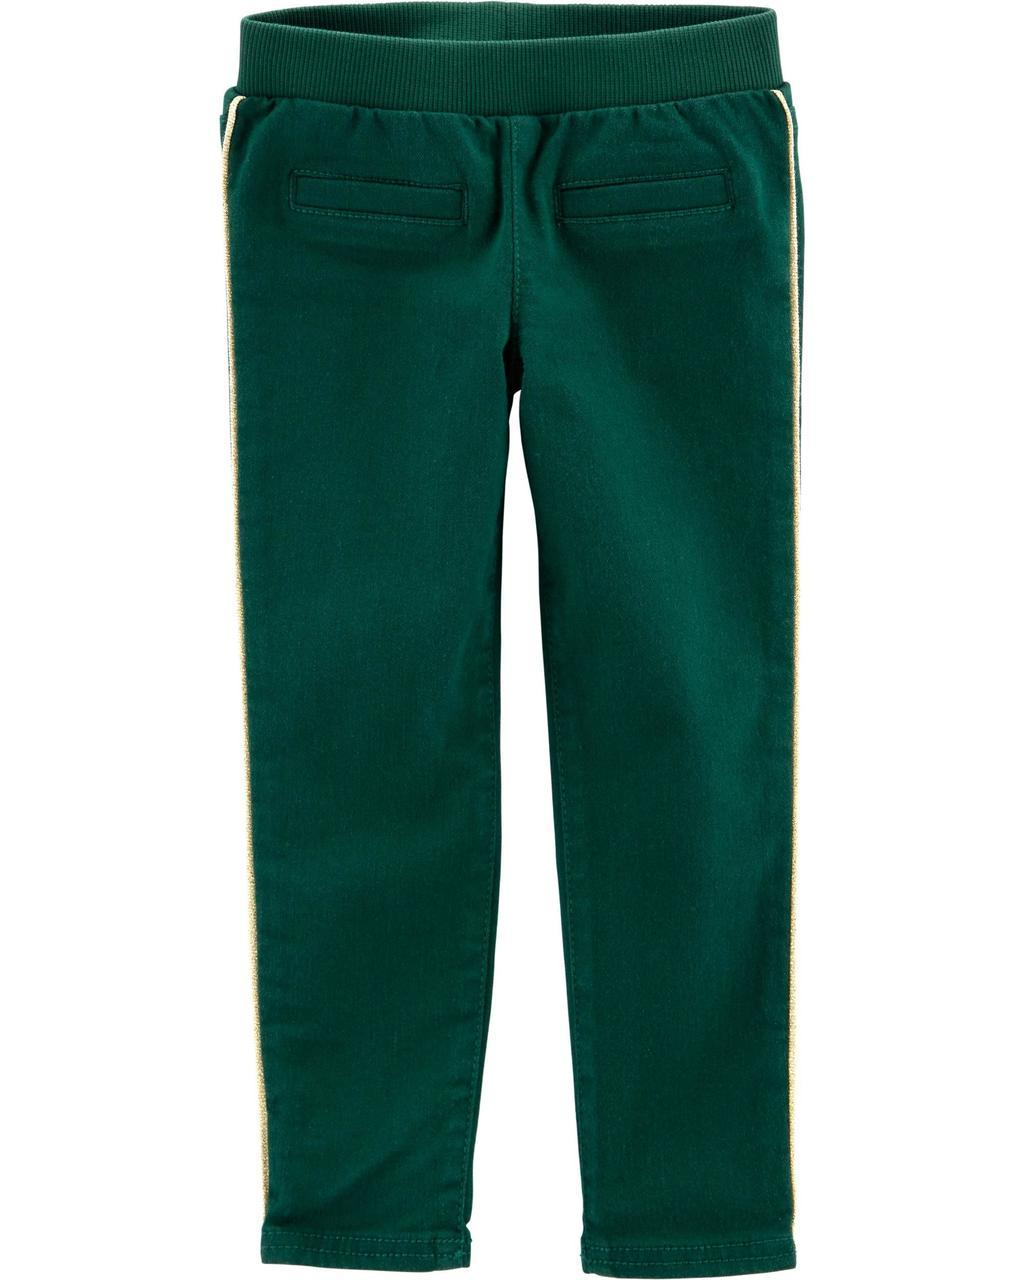 Штаны скини для девочки Carters (Картерс) зеленые 18М(78-83 см)